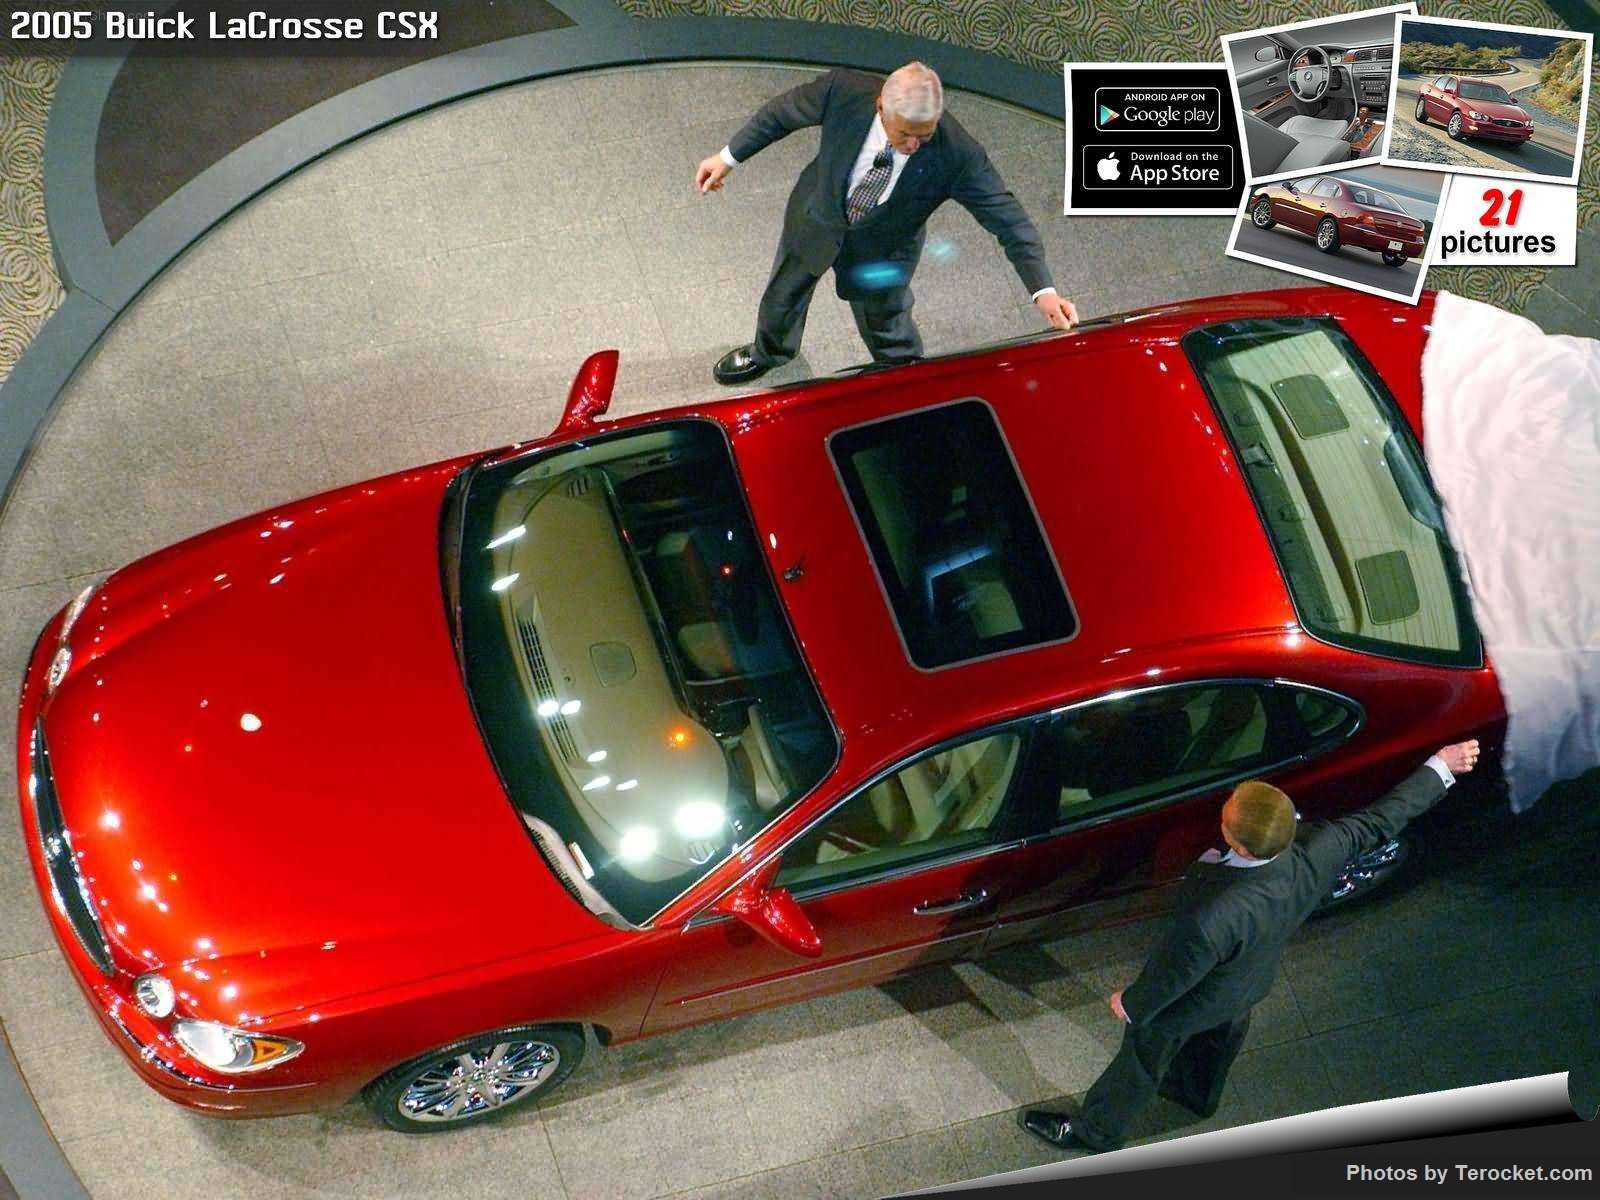 Hình ảnh xe ô tô Buick LaCrosse CSX 2005 & nội ngoại thất